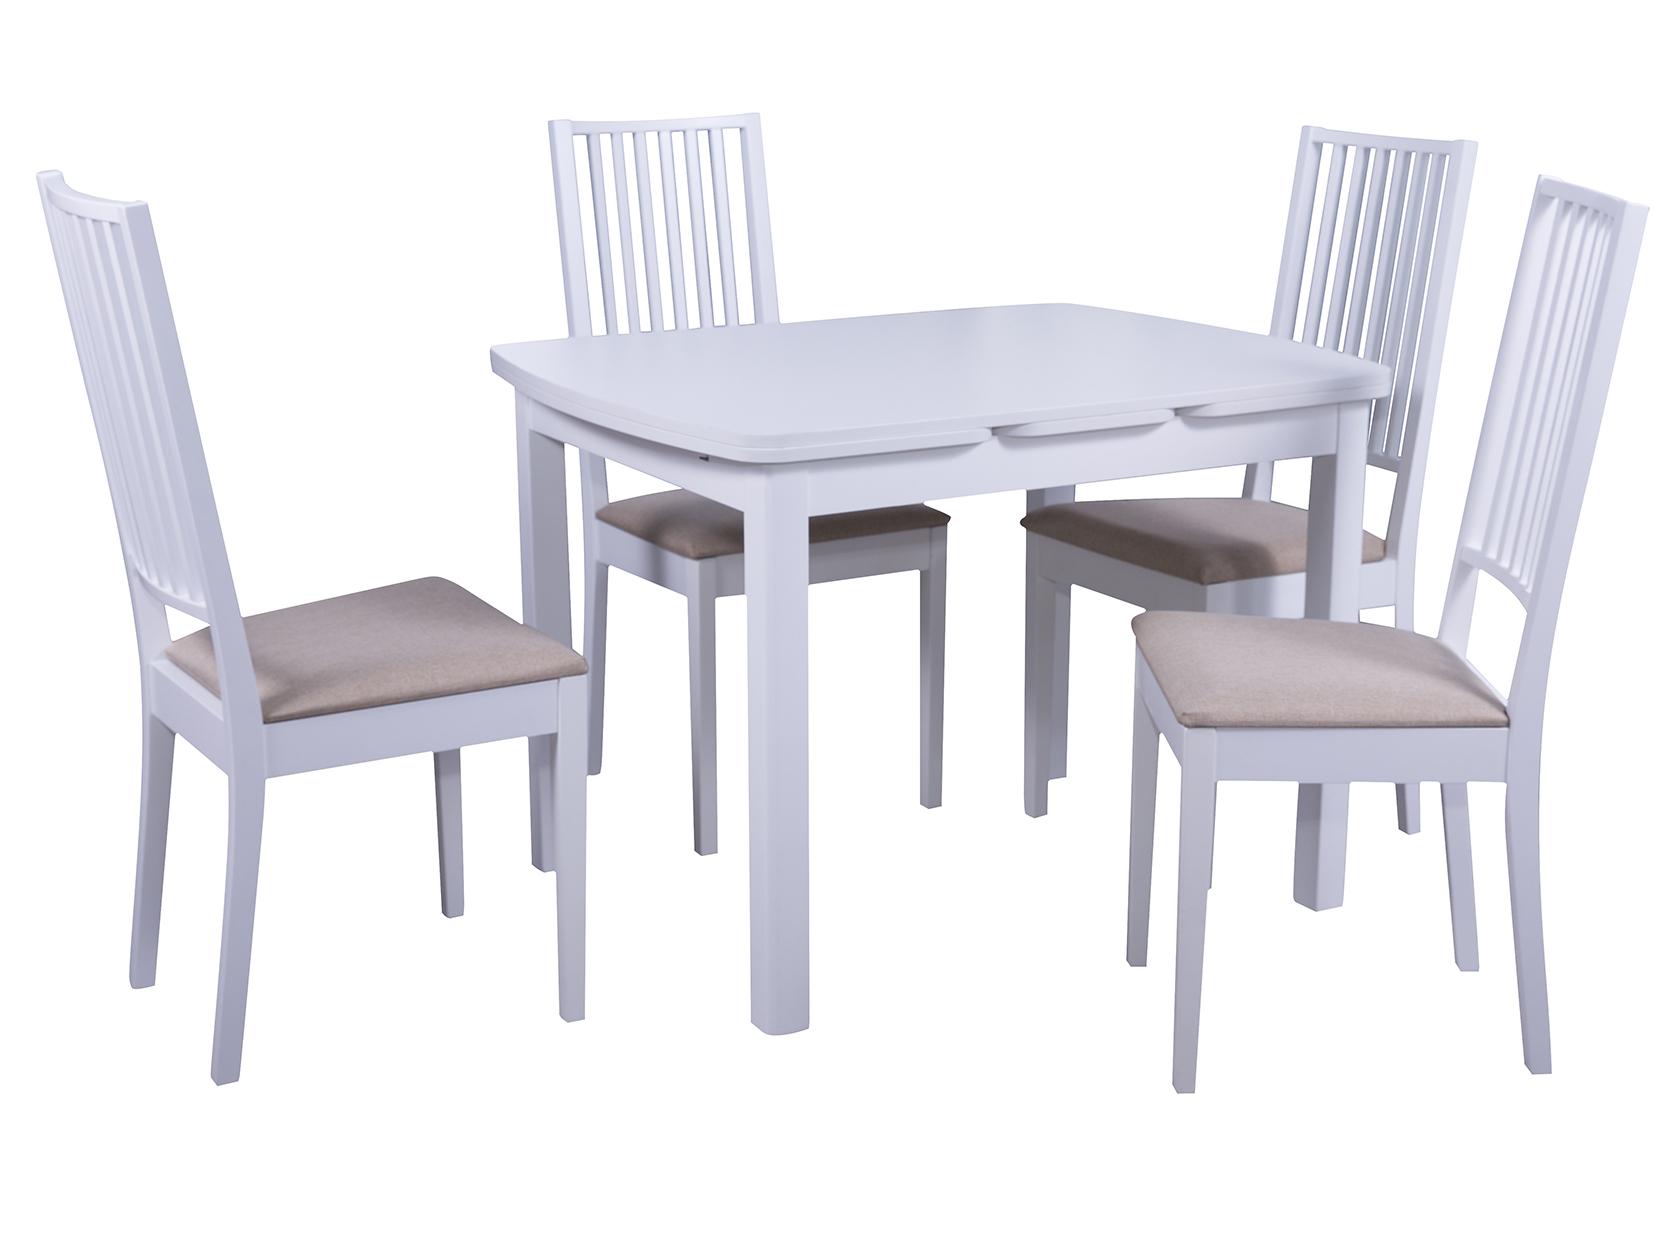 Обеденная группа для столовой и гостиной 179-91548